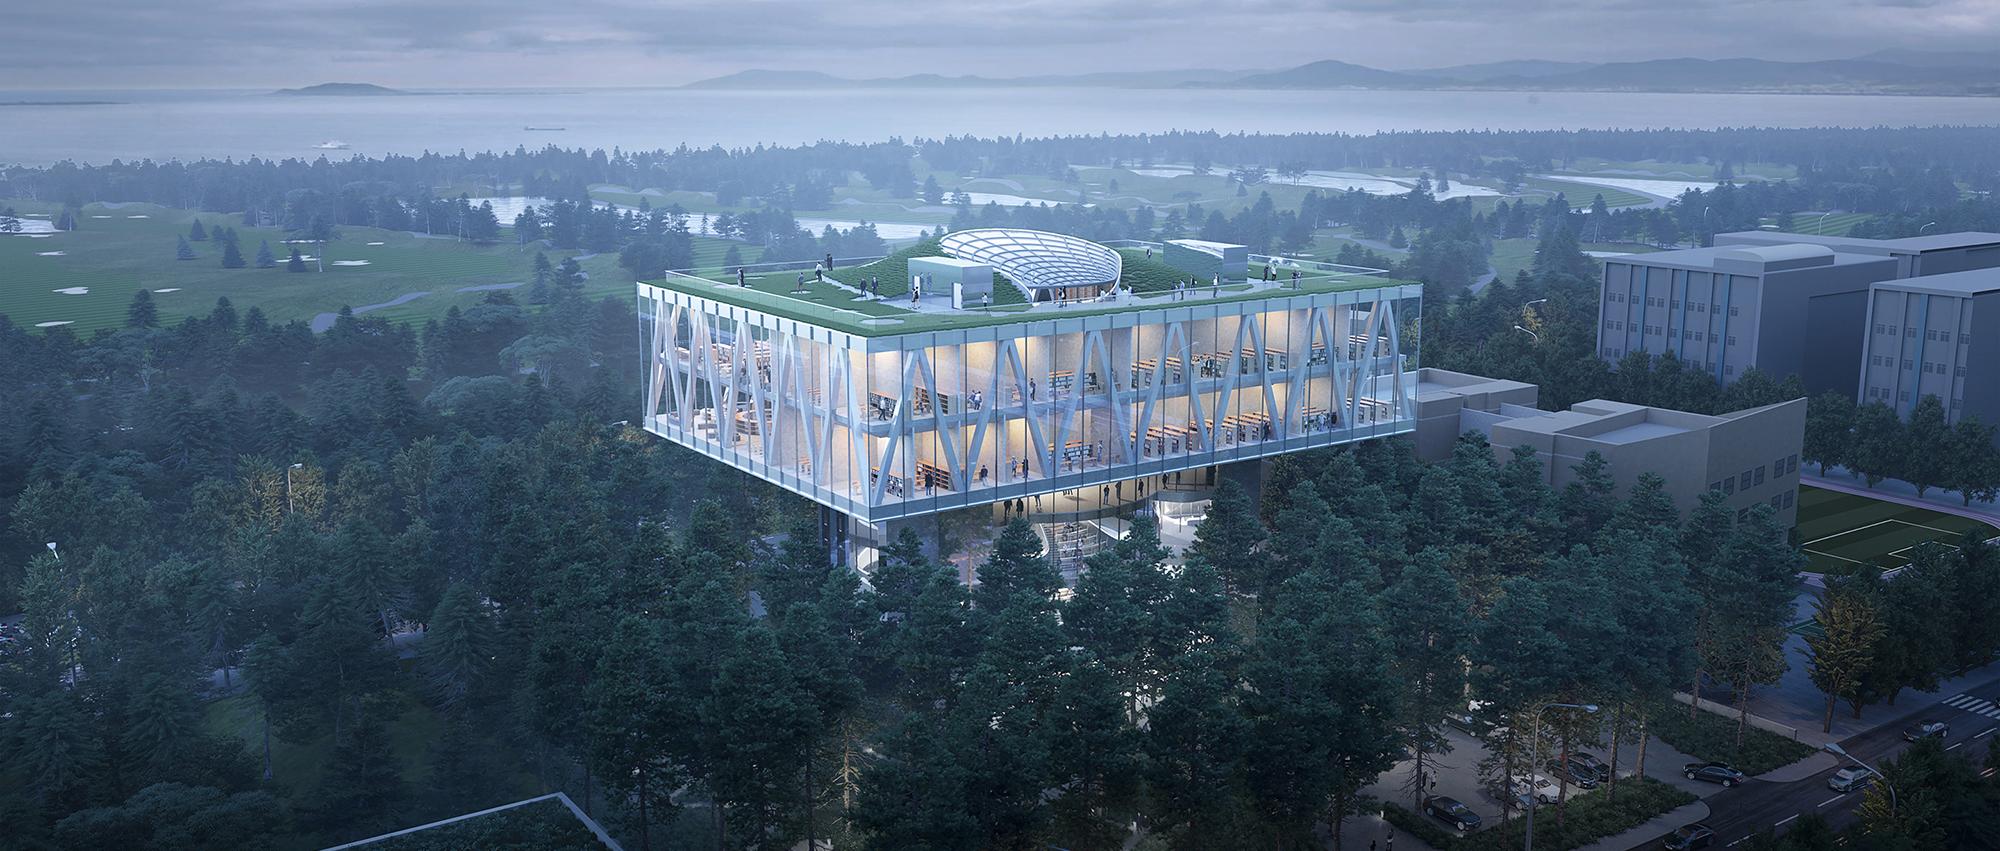 森林上的图书馆:松岛国际城图书馆国际设计竞赛提案